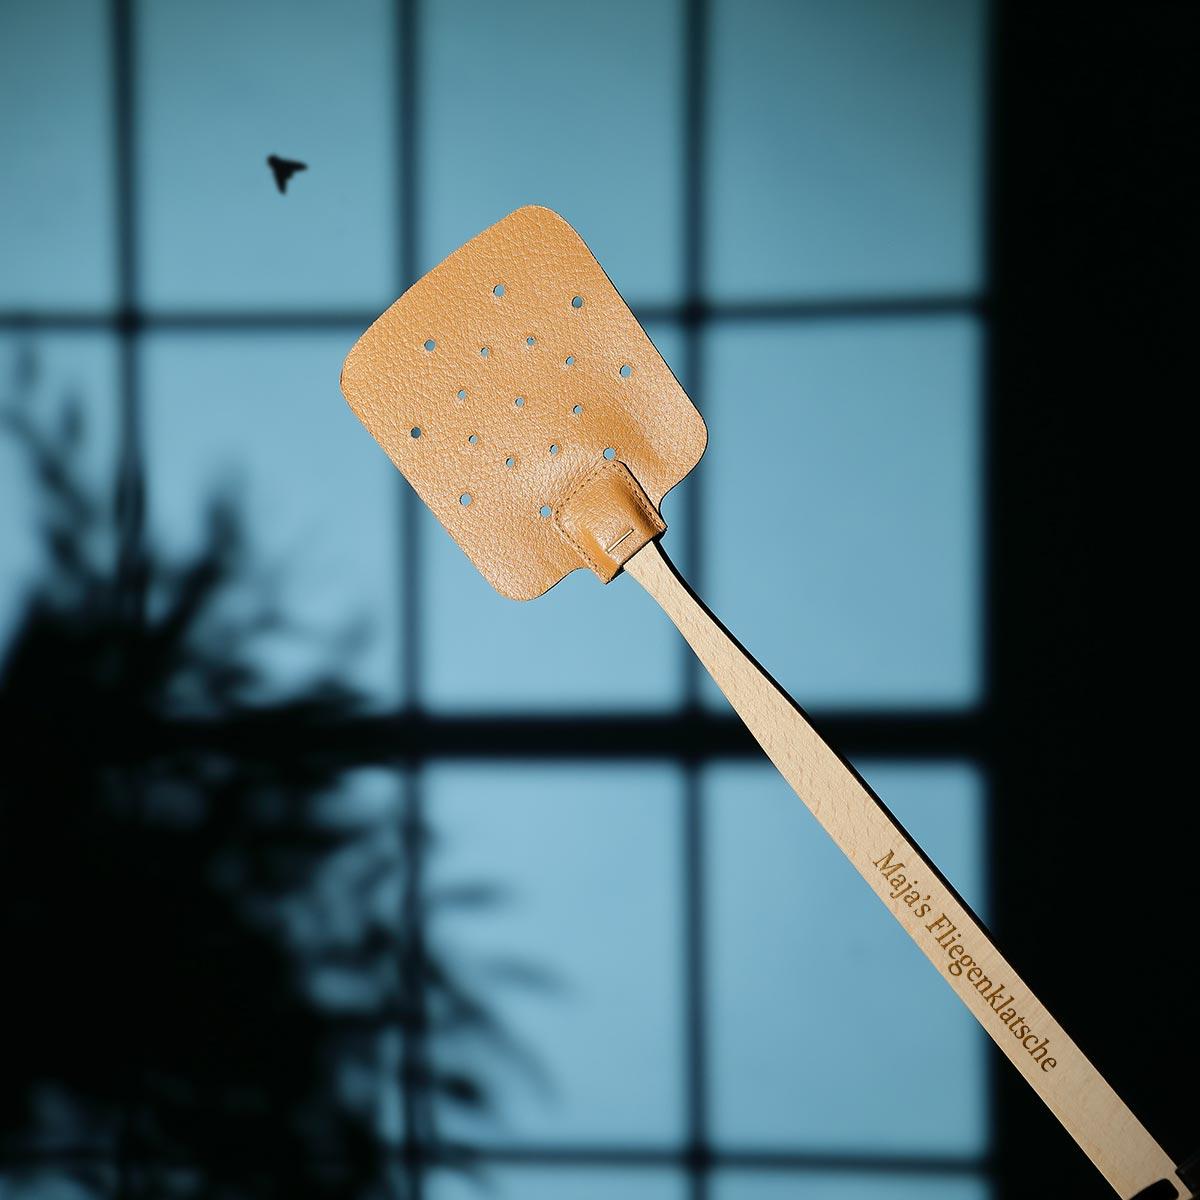 Mückenschläger 2 x Elektrische Fliegenklatsche rot Mückentöter Fly Swatter